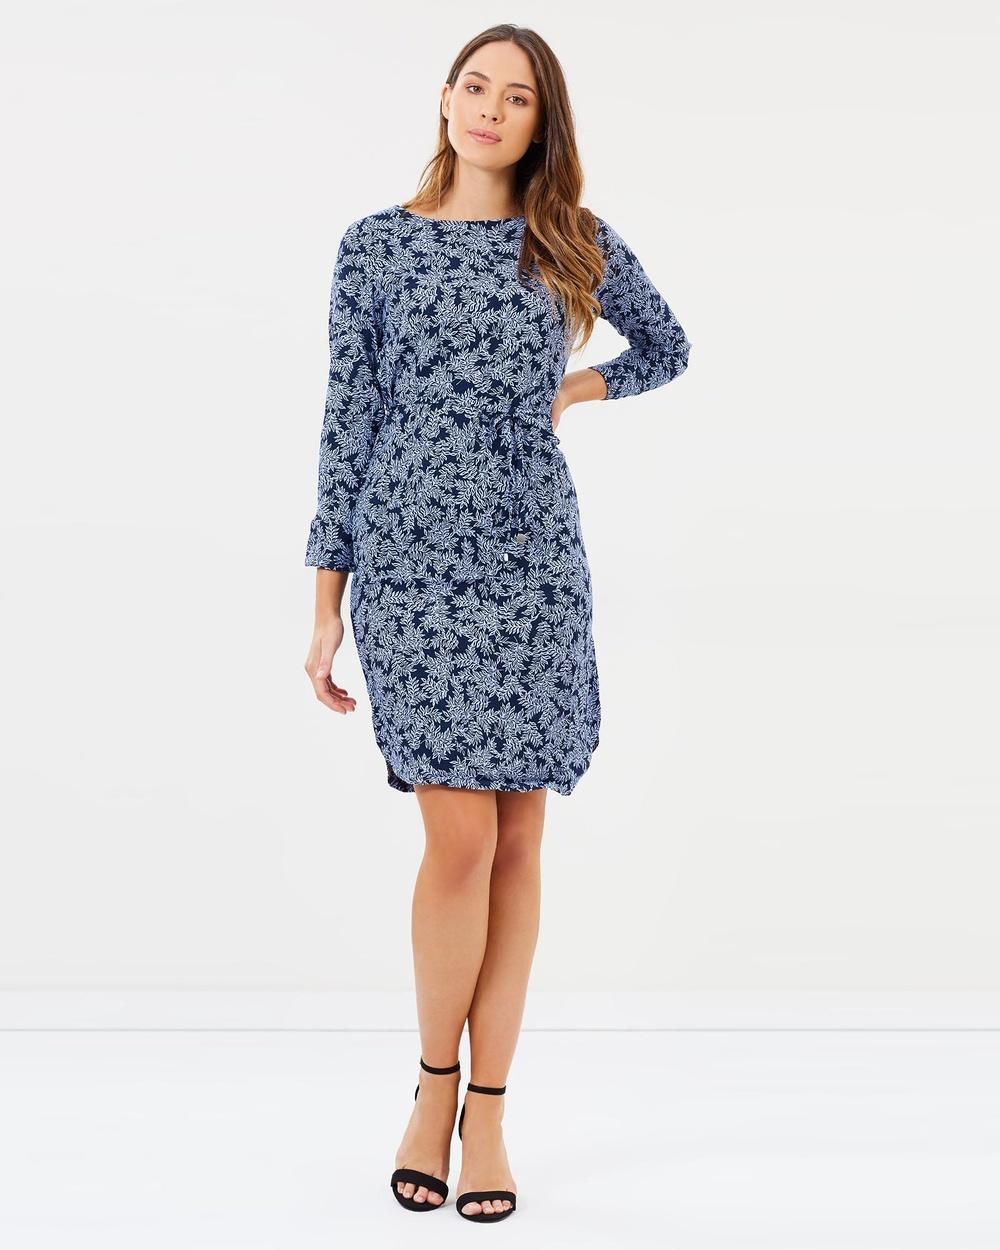 Sportscraft Dallas Print Dress Printed Dresses Mid Navy Blue Dallas Print Dress